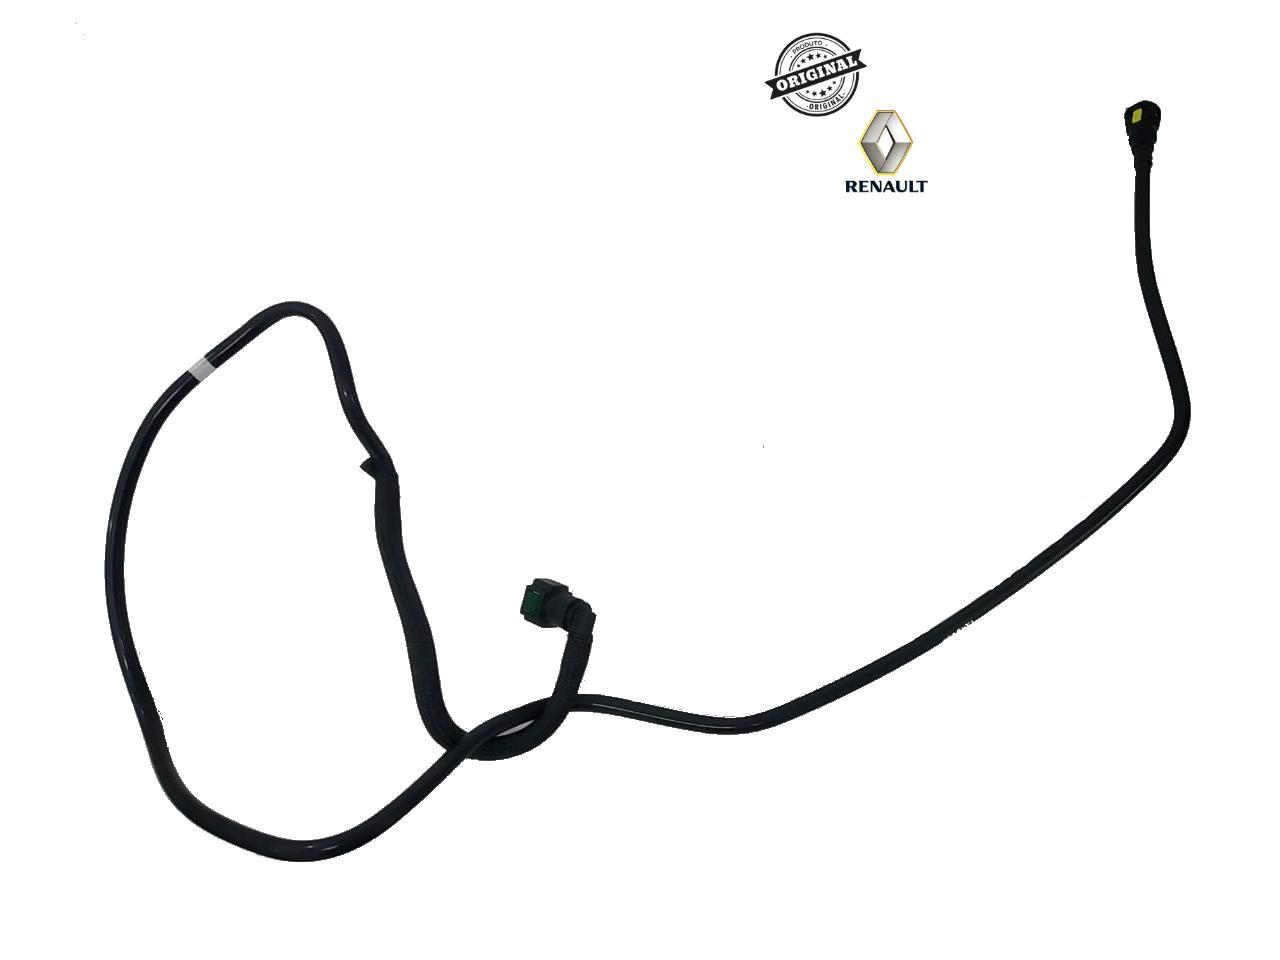 Mangueira da Rampa de Injeção Motor 1.6 16v Renault Megane 99-04 e Scenic 05...Conector Pequeno  - Auto Peças L´equipe France